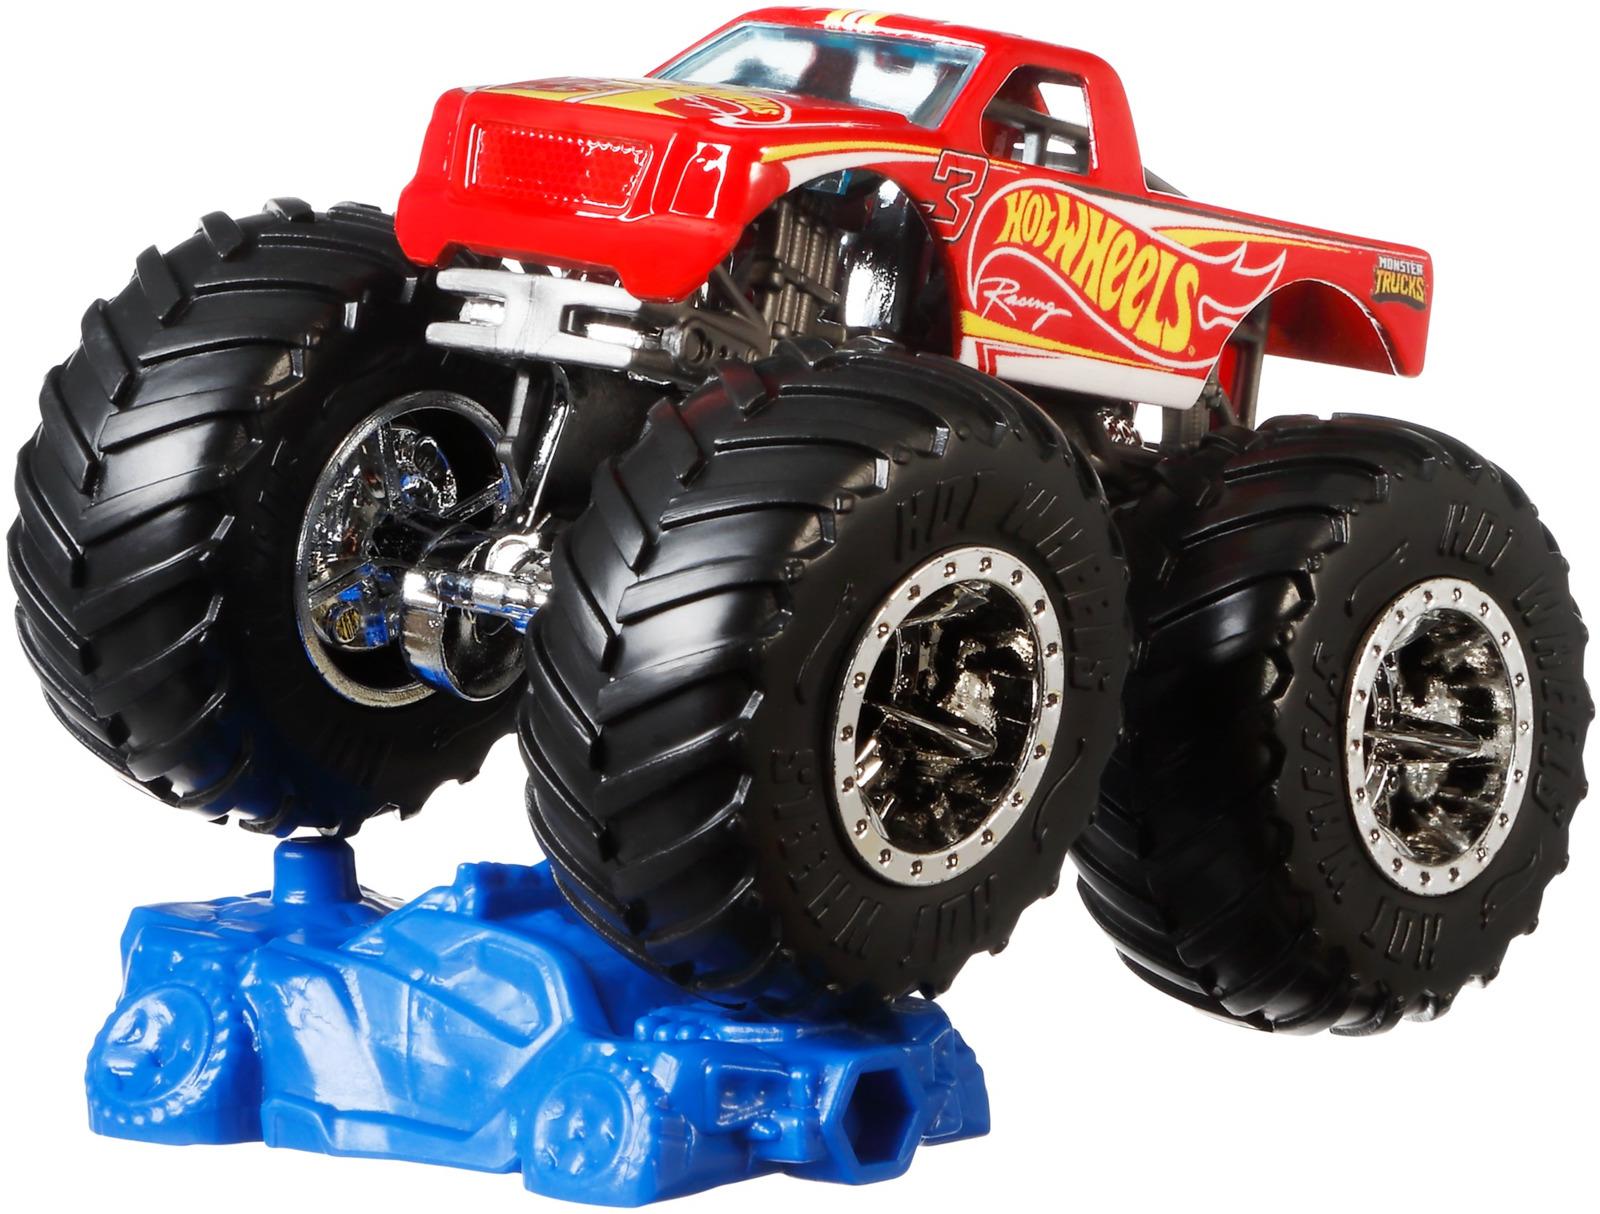 обиделась монстр трак машина фото игрушки подарки магазине конфаэль